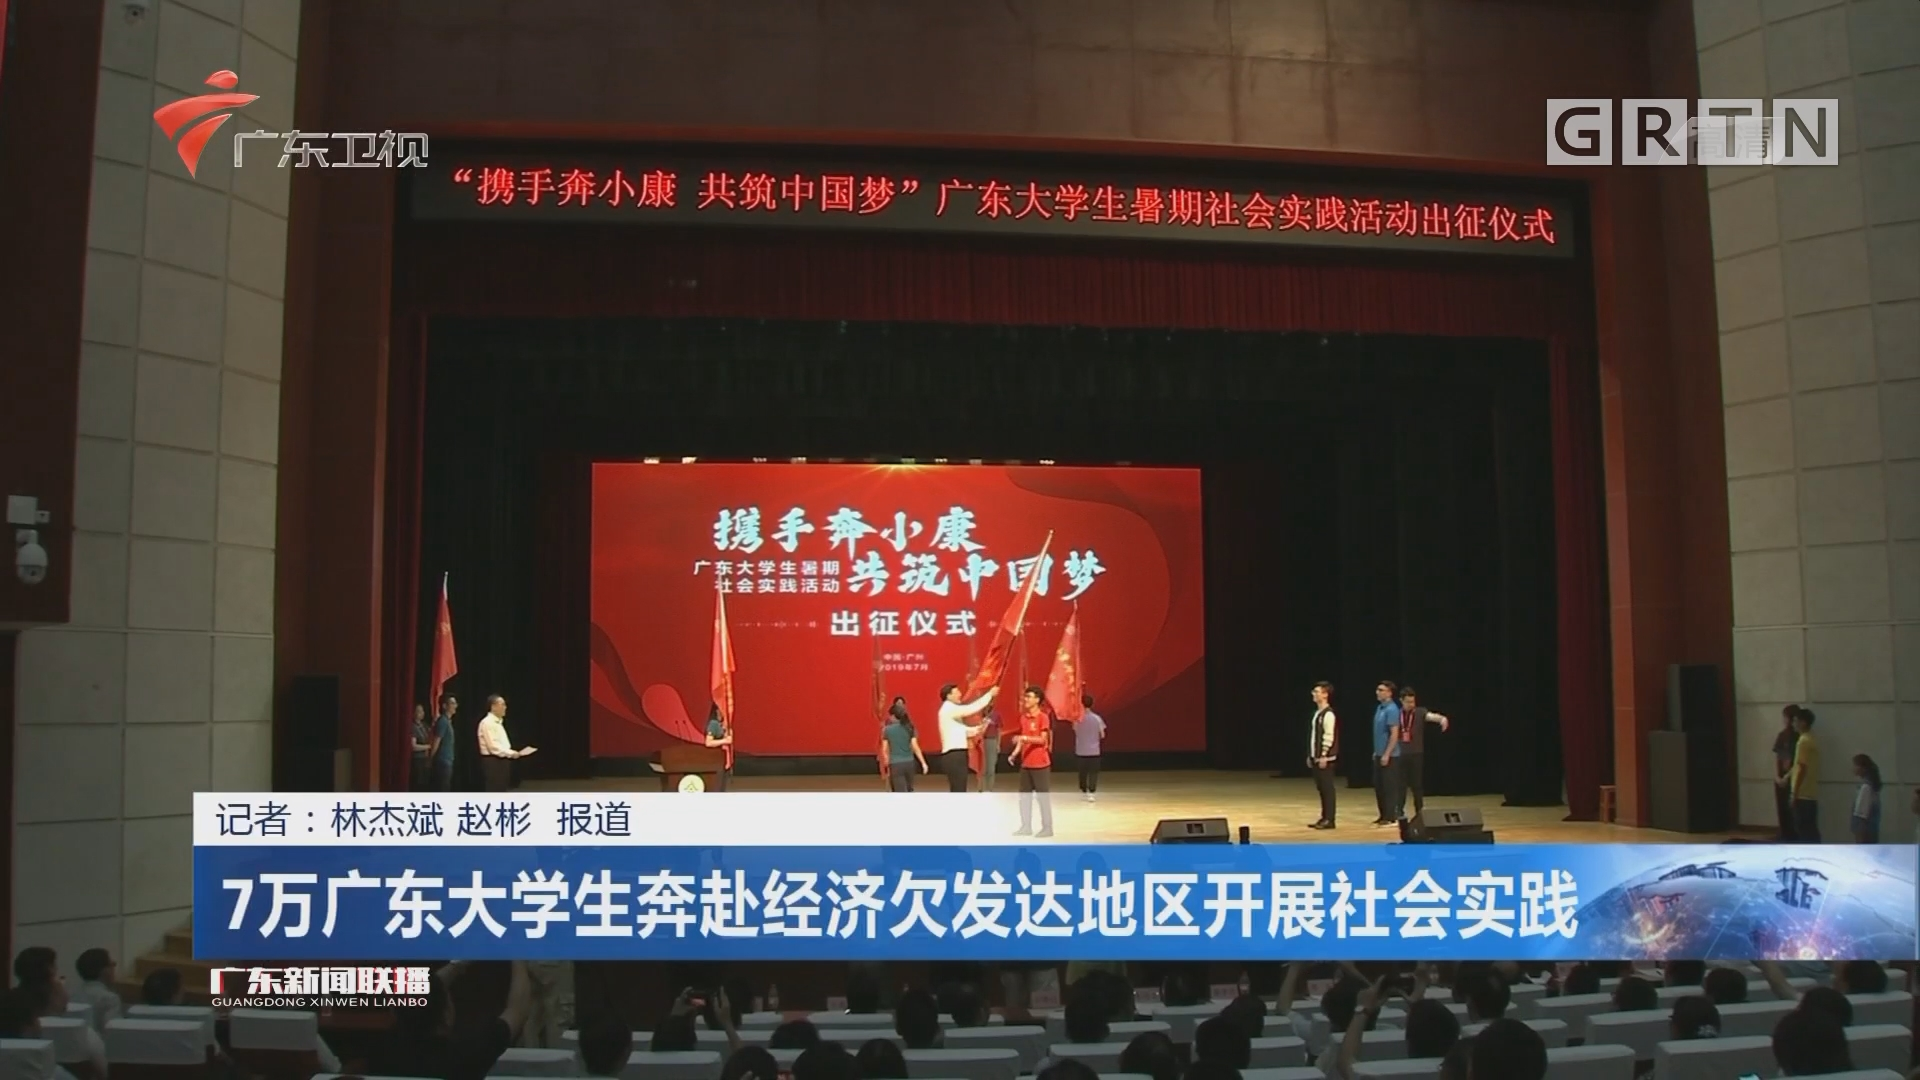 7萬廣東大學生奔赴經濟欠發達地區開展社會實踐